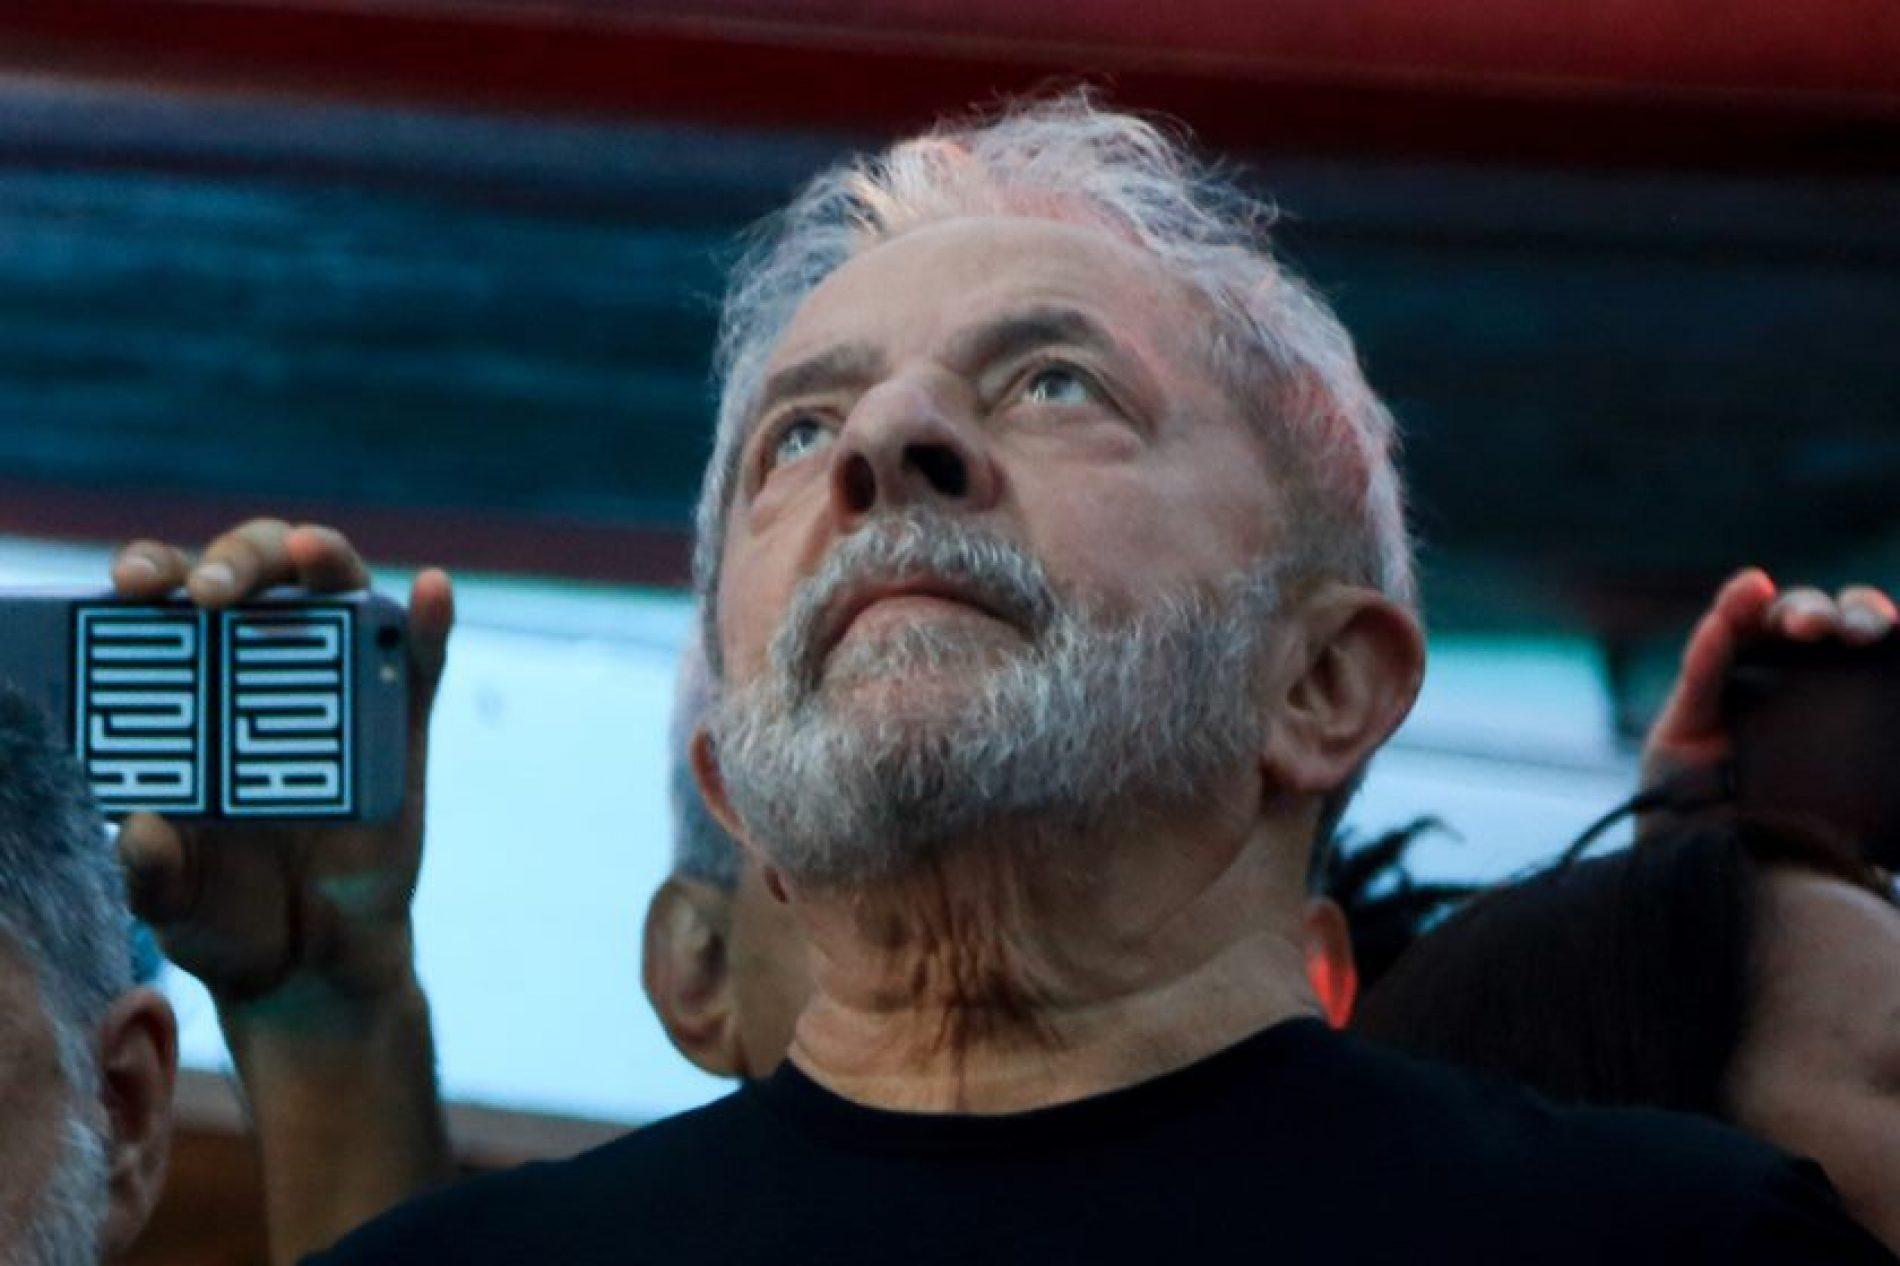 Ministro do STJ nega pedido de Lula para suspender execução da pena